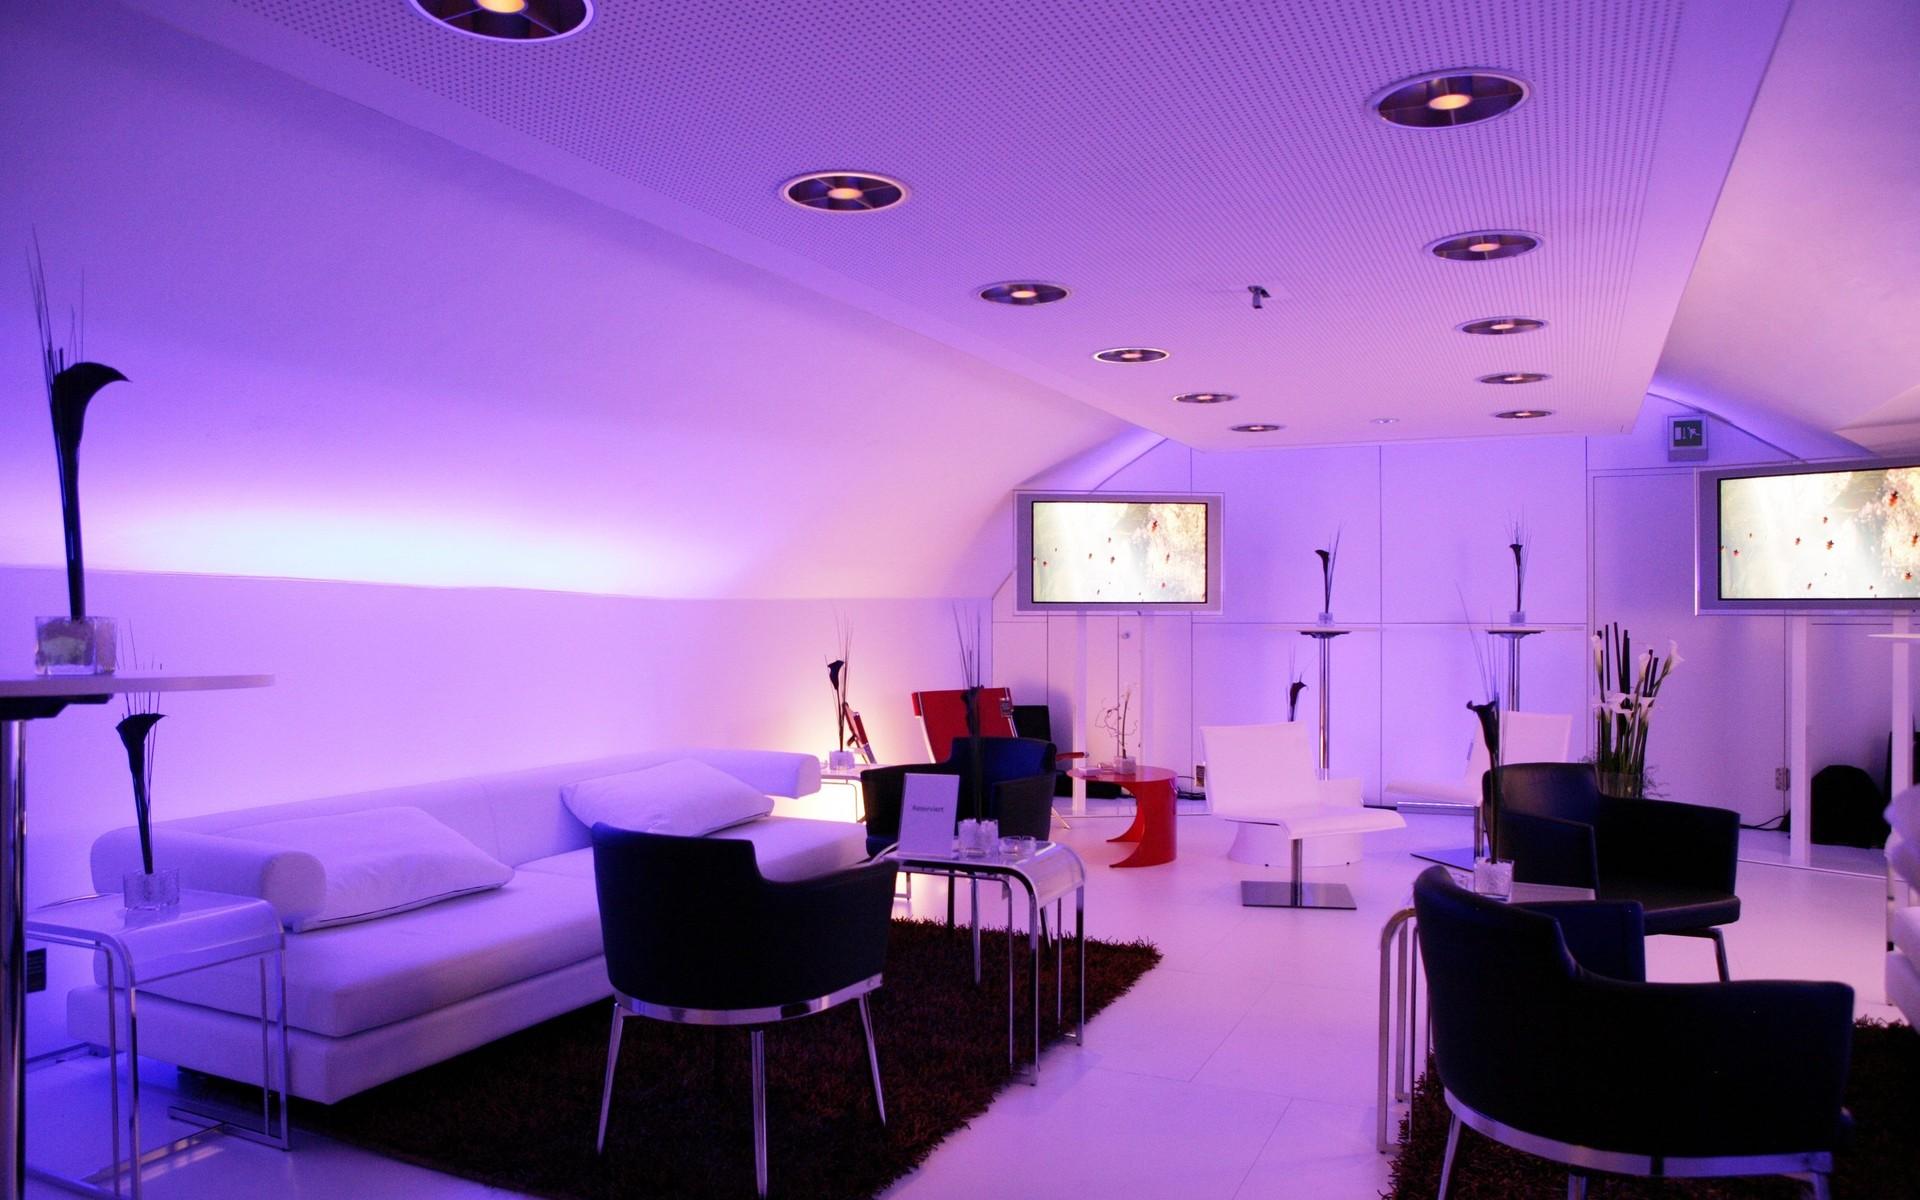 interior wallpaper purple room HD Desktop Wallpapers 1920x1200